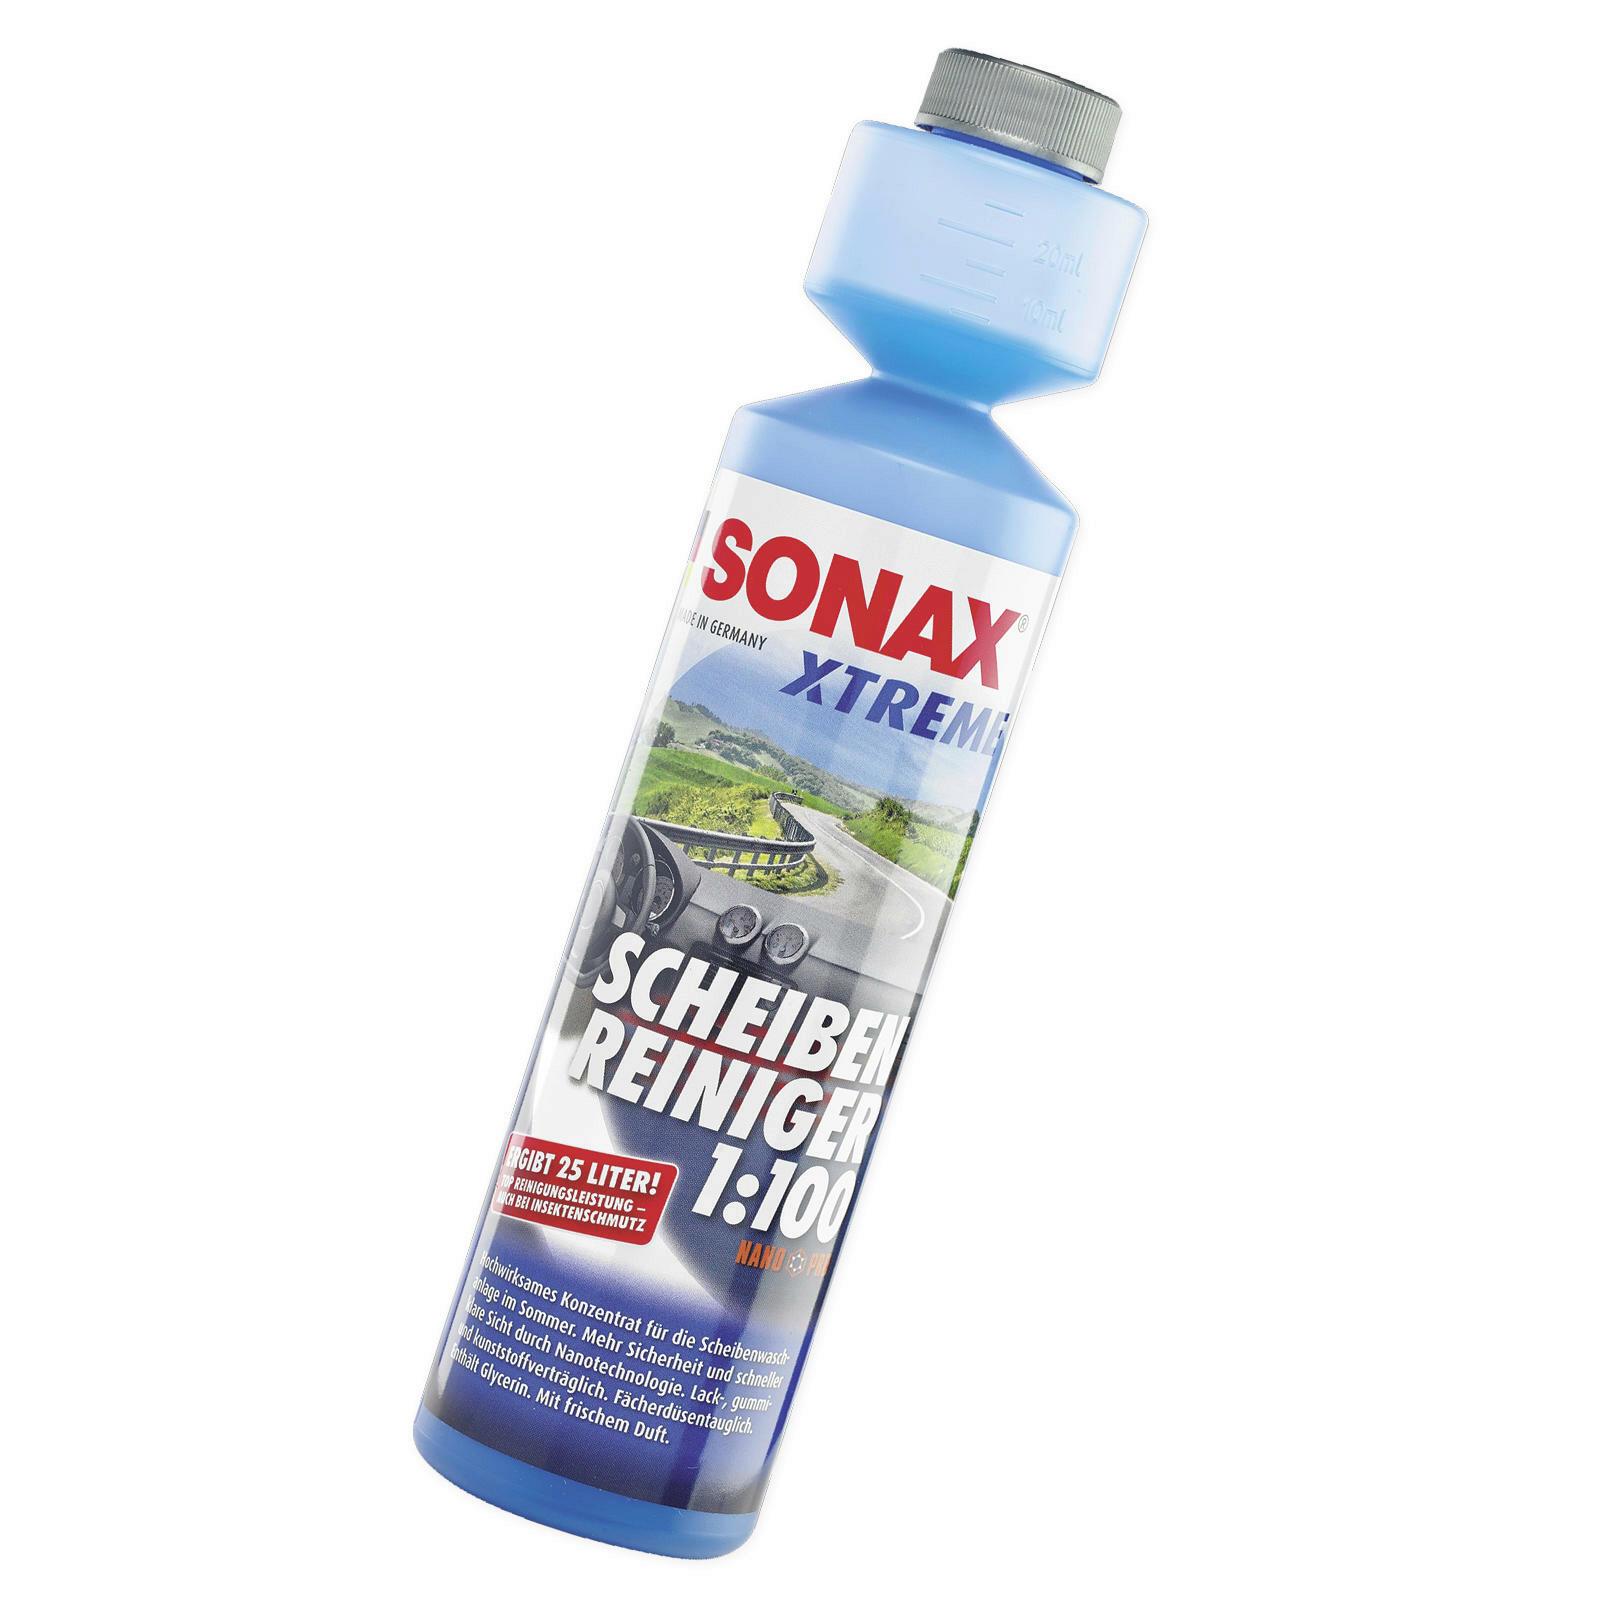 SONAX XTREME ScheibenReiniger 1:100 NanoPro 250ml